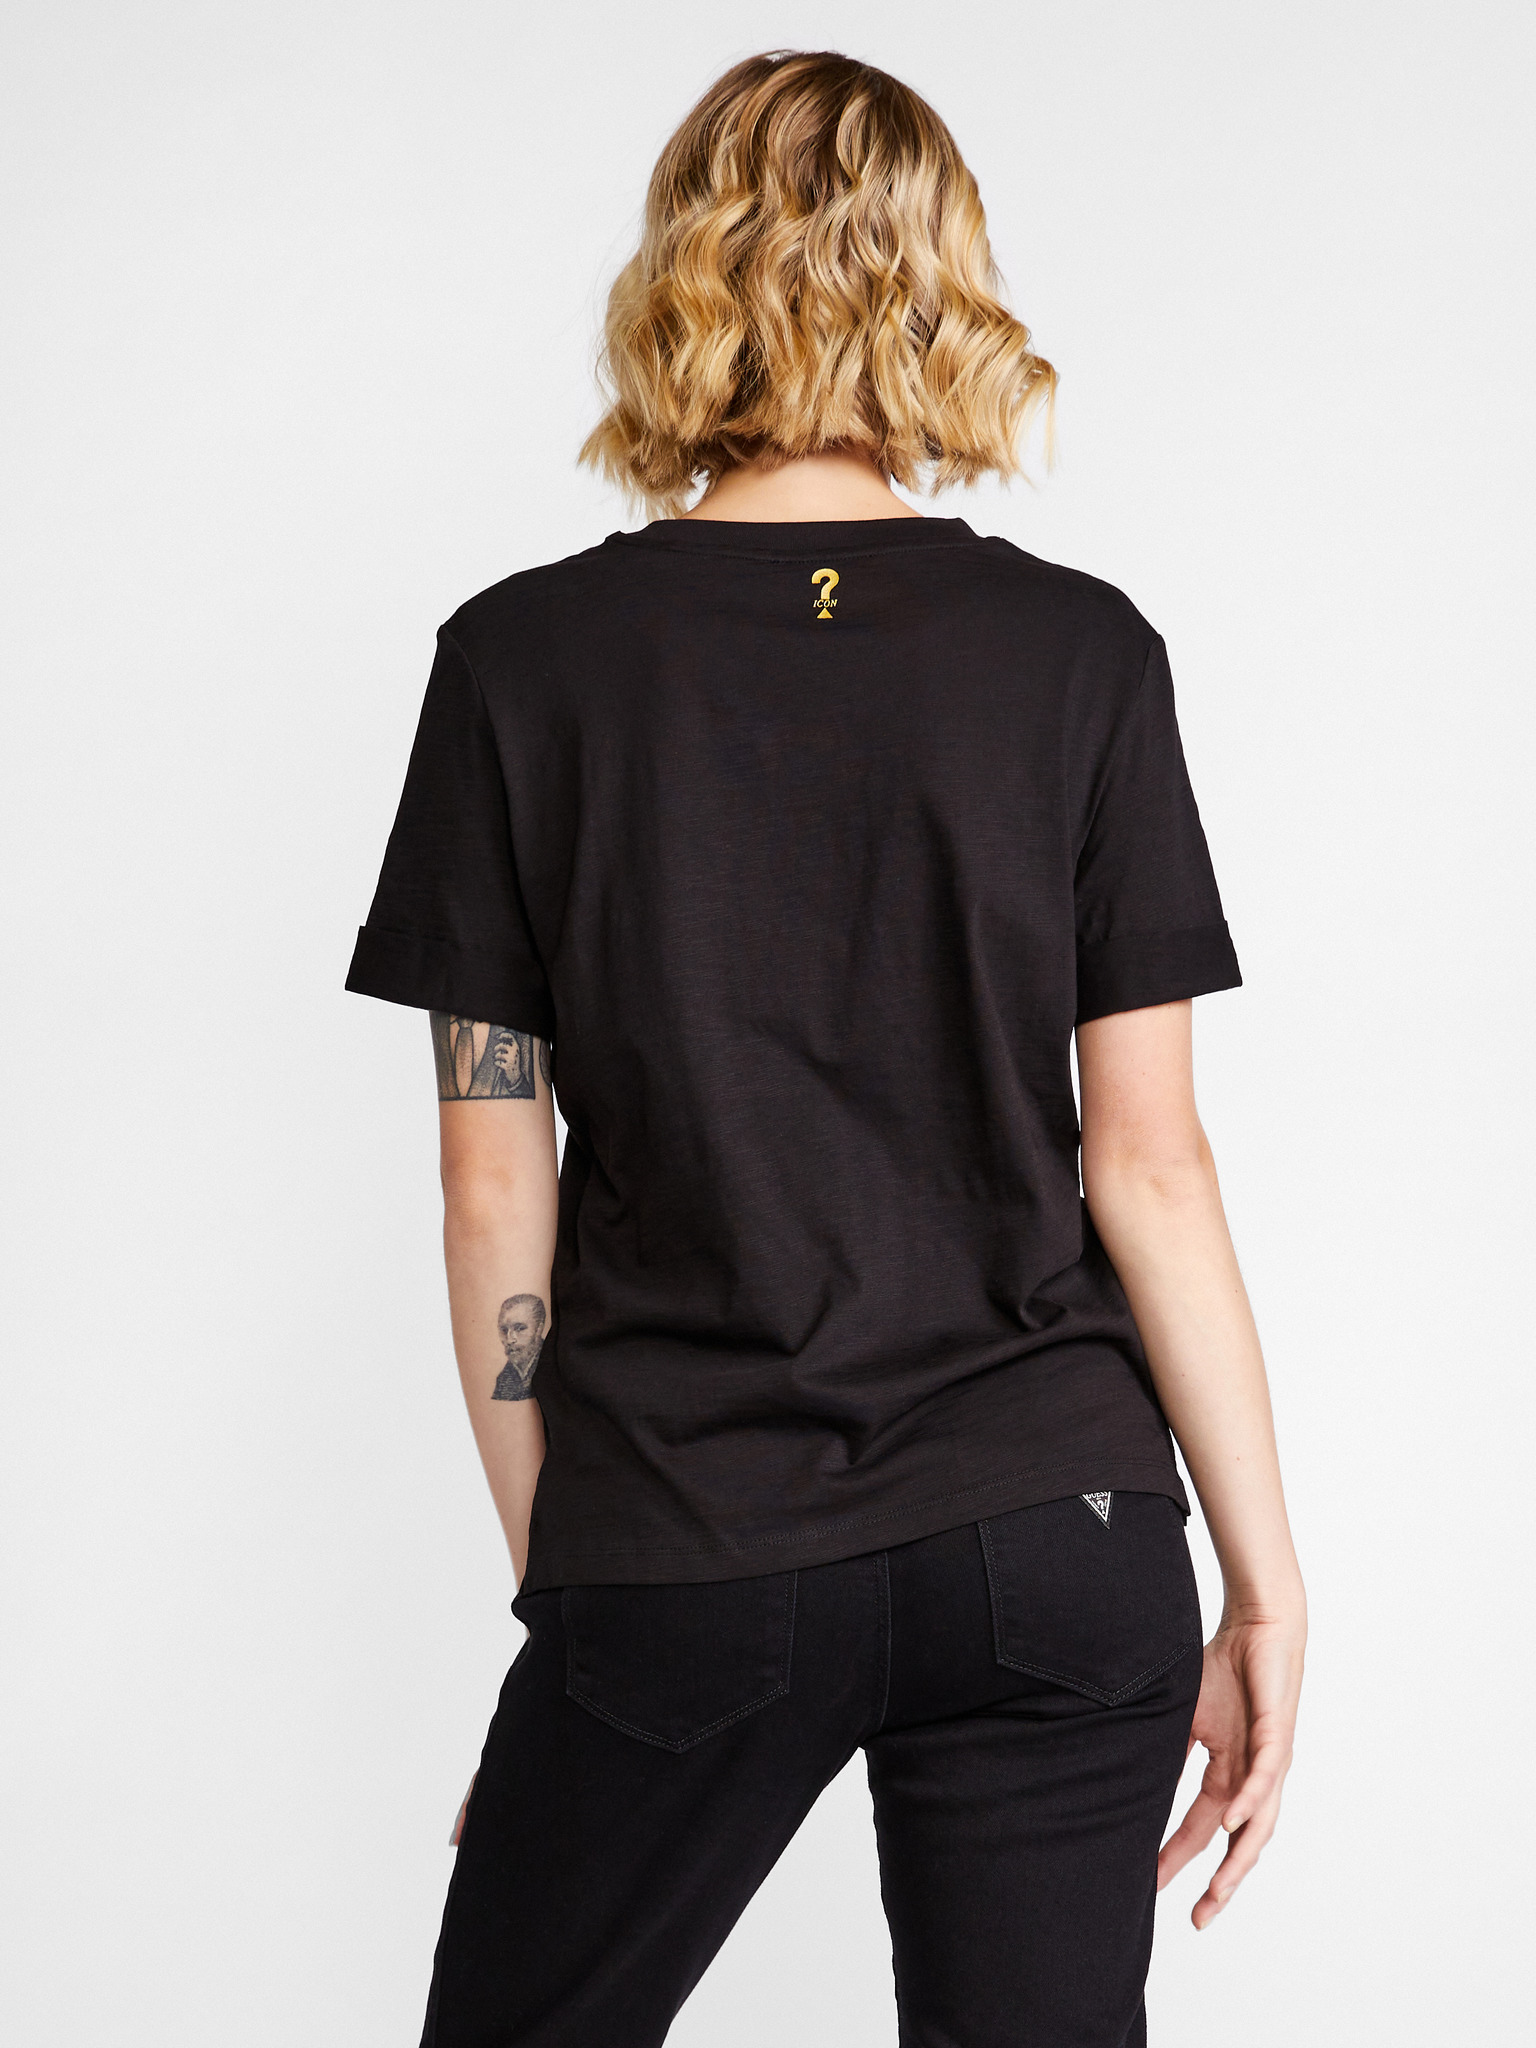 Guess Women's t-shirt black Triko